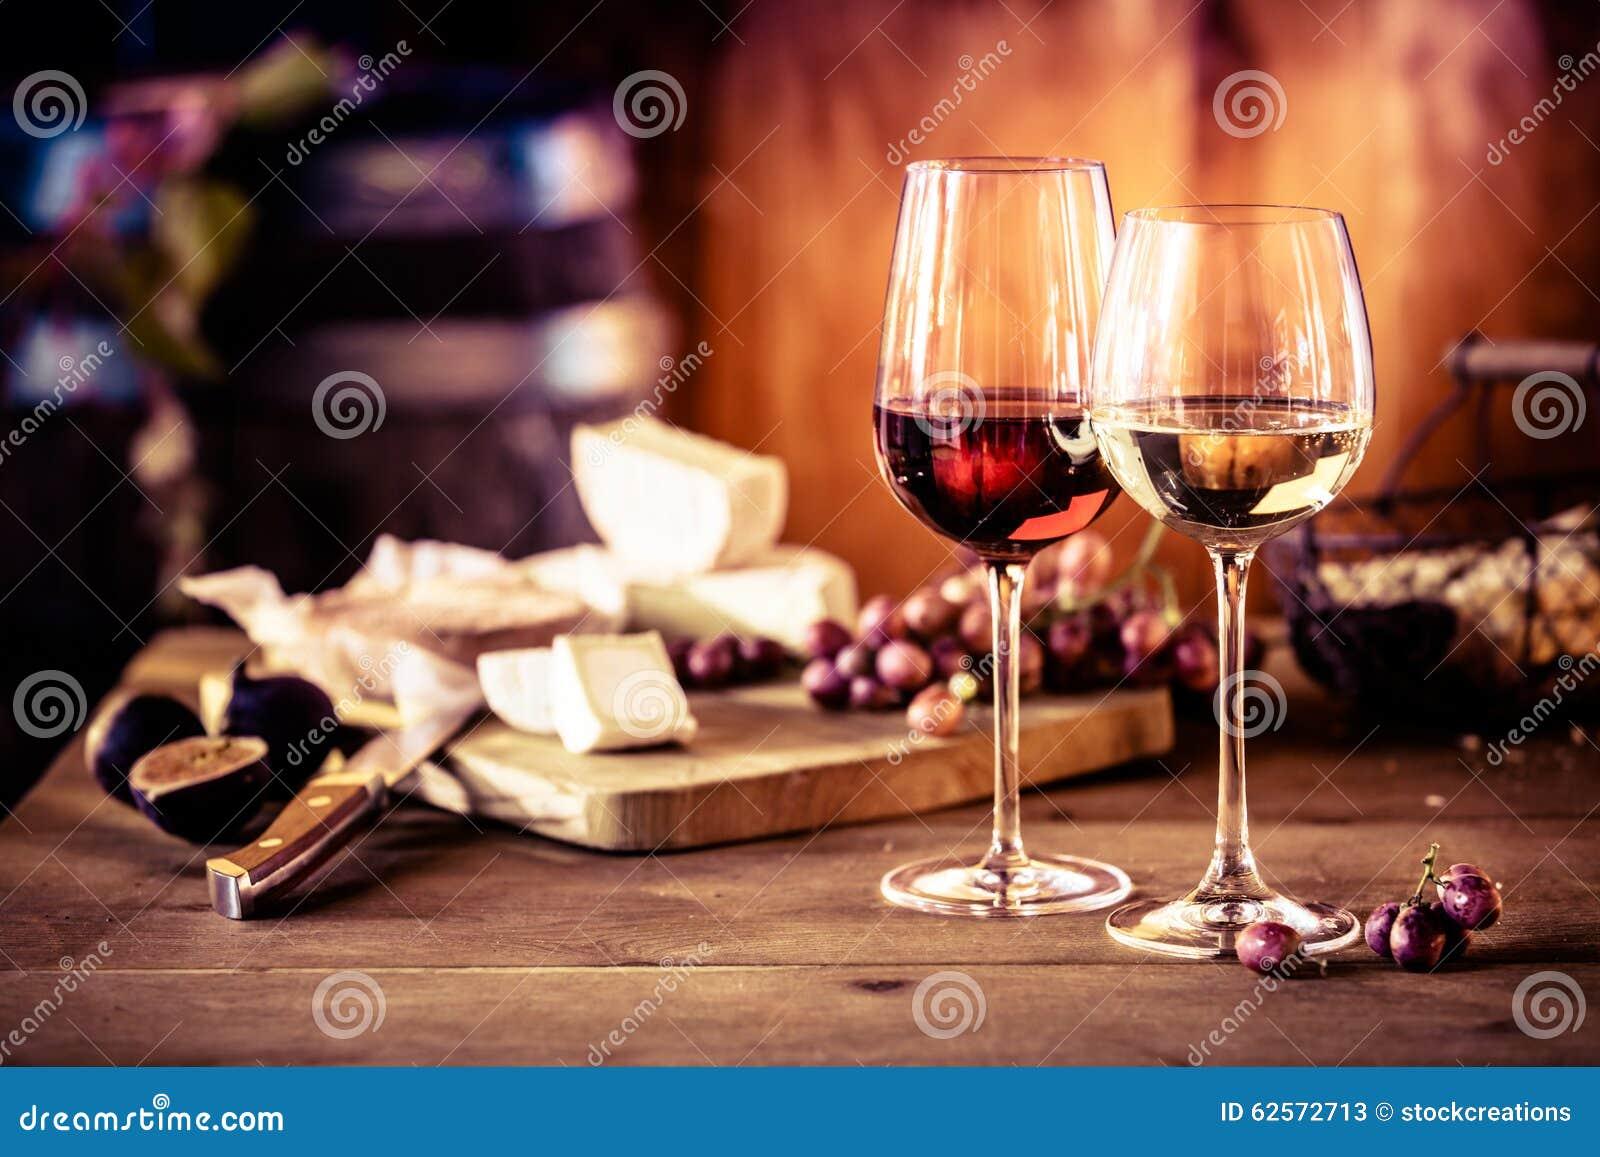 Bandeja do queijo com vinho na frente do fogo